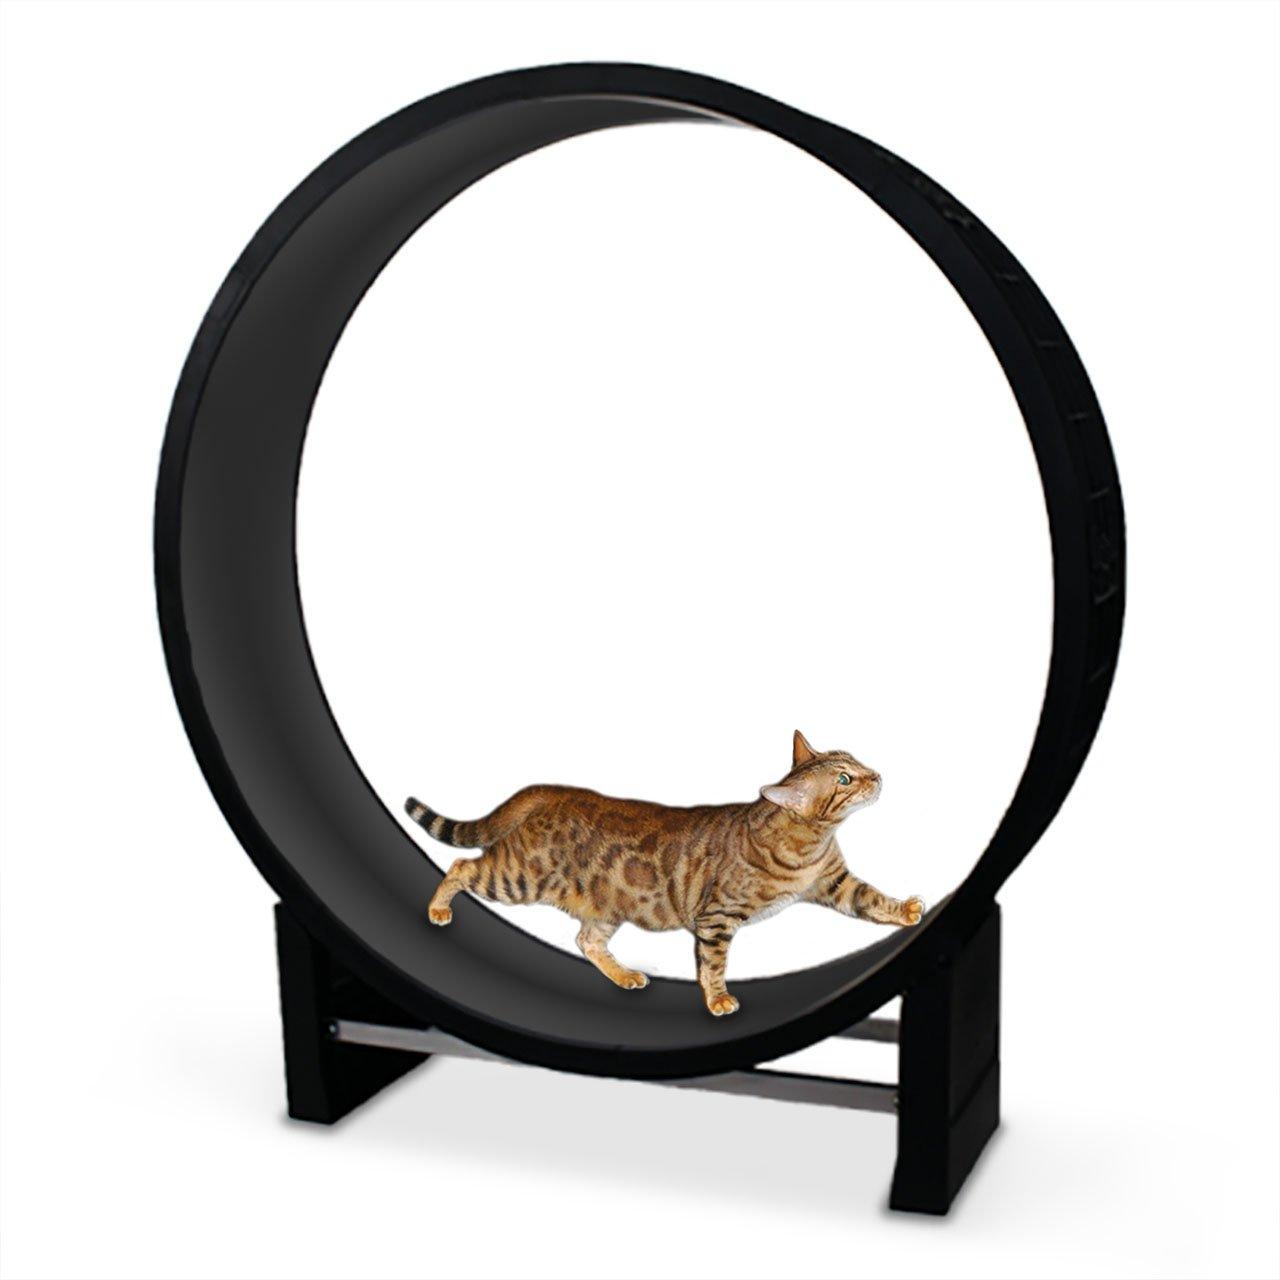 CanadianCat Company ® | Katzenlaufrad | Cat in Motion | Anthrazit - Trainingsgerät und Spielzeug für Katzen